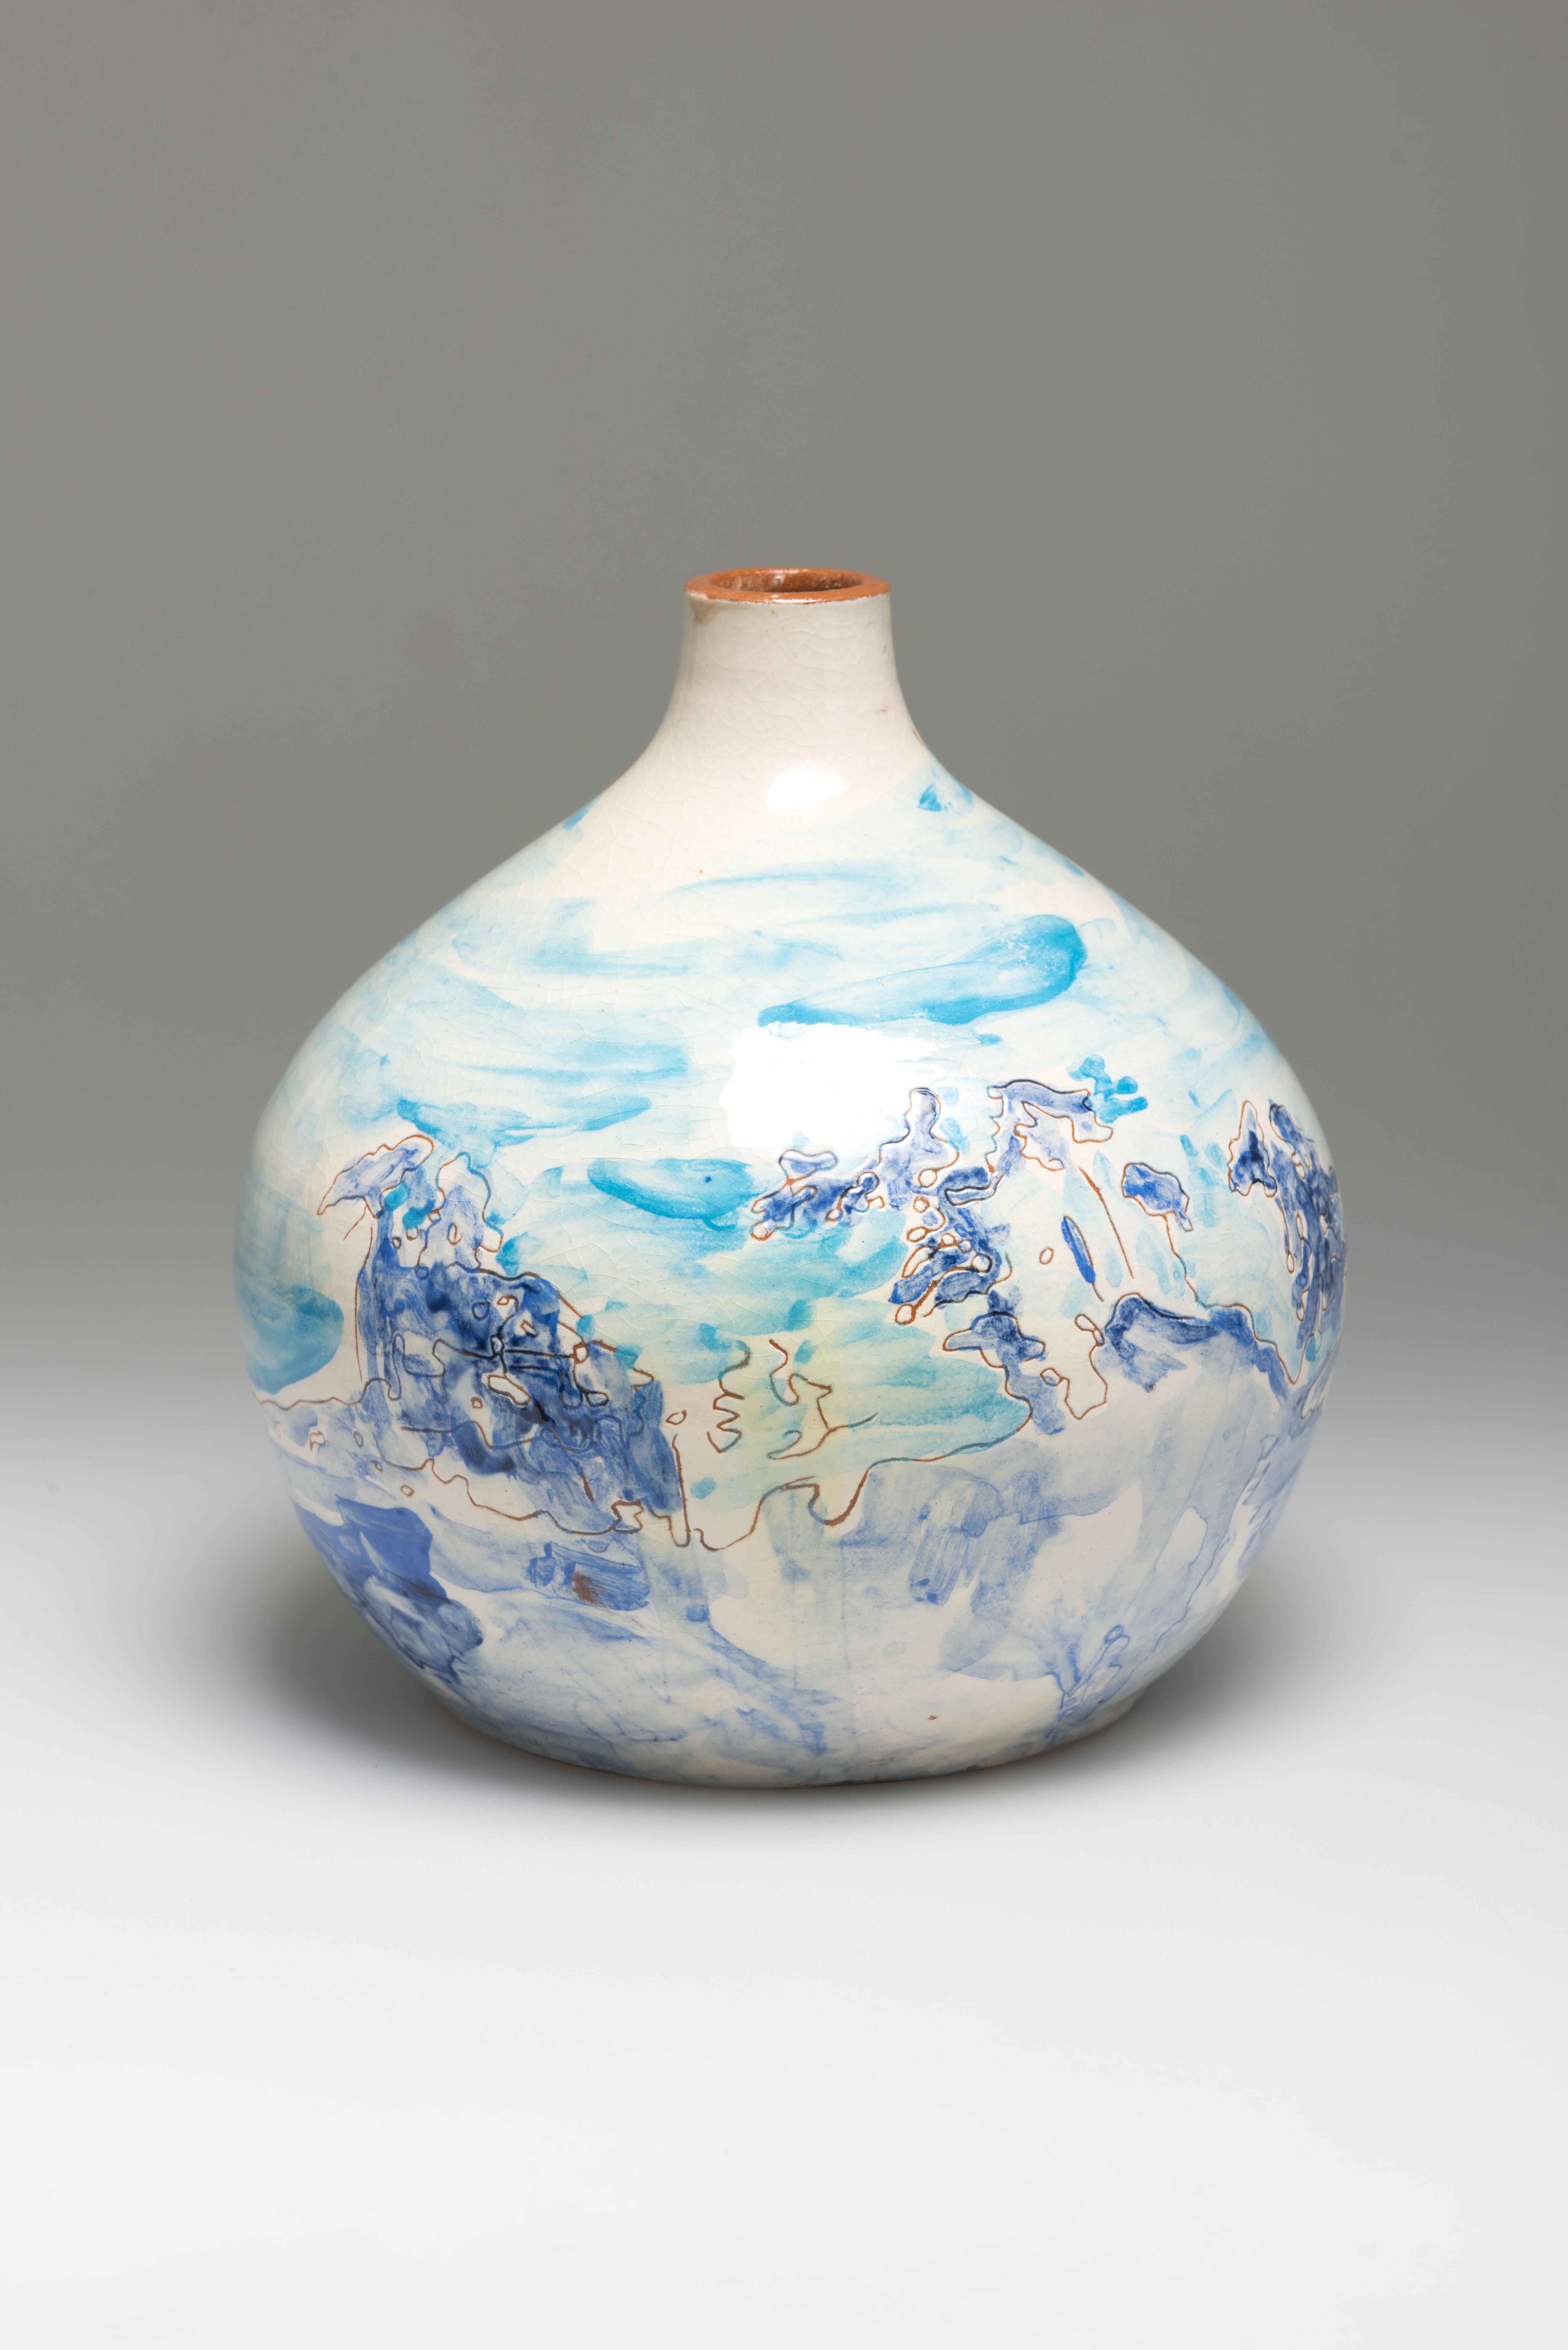 Flower Vase, ceramic, NL 2013